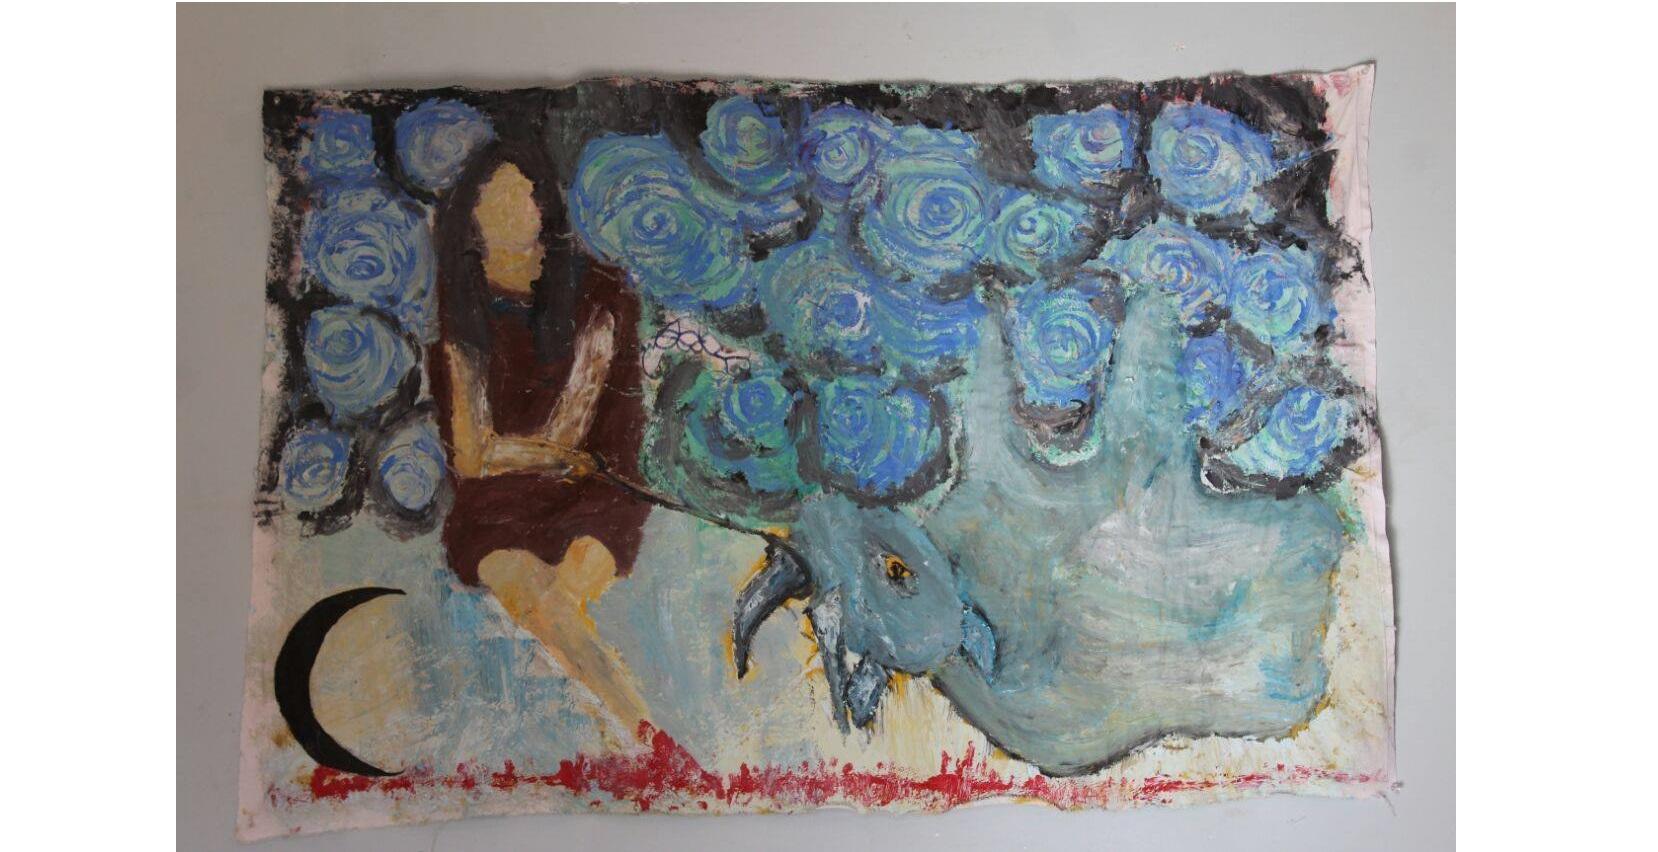 اللوحة للفنانة نسرين أبو بكر